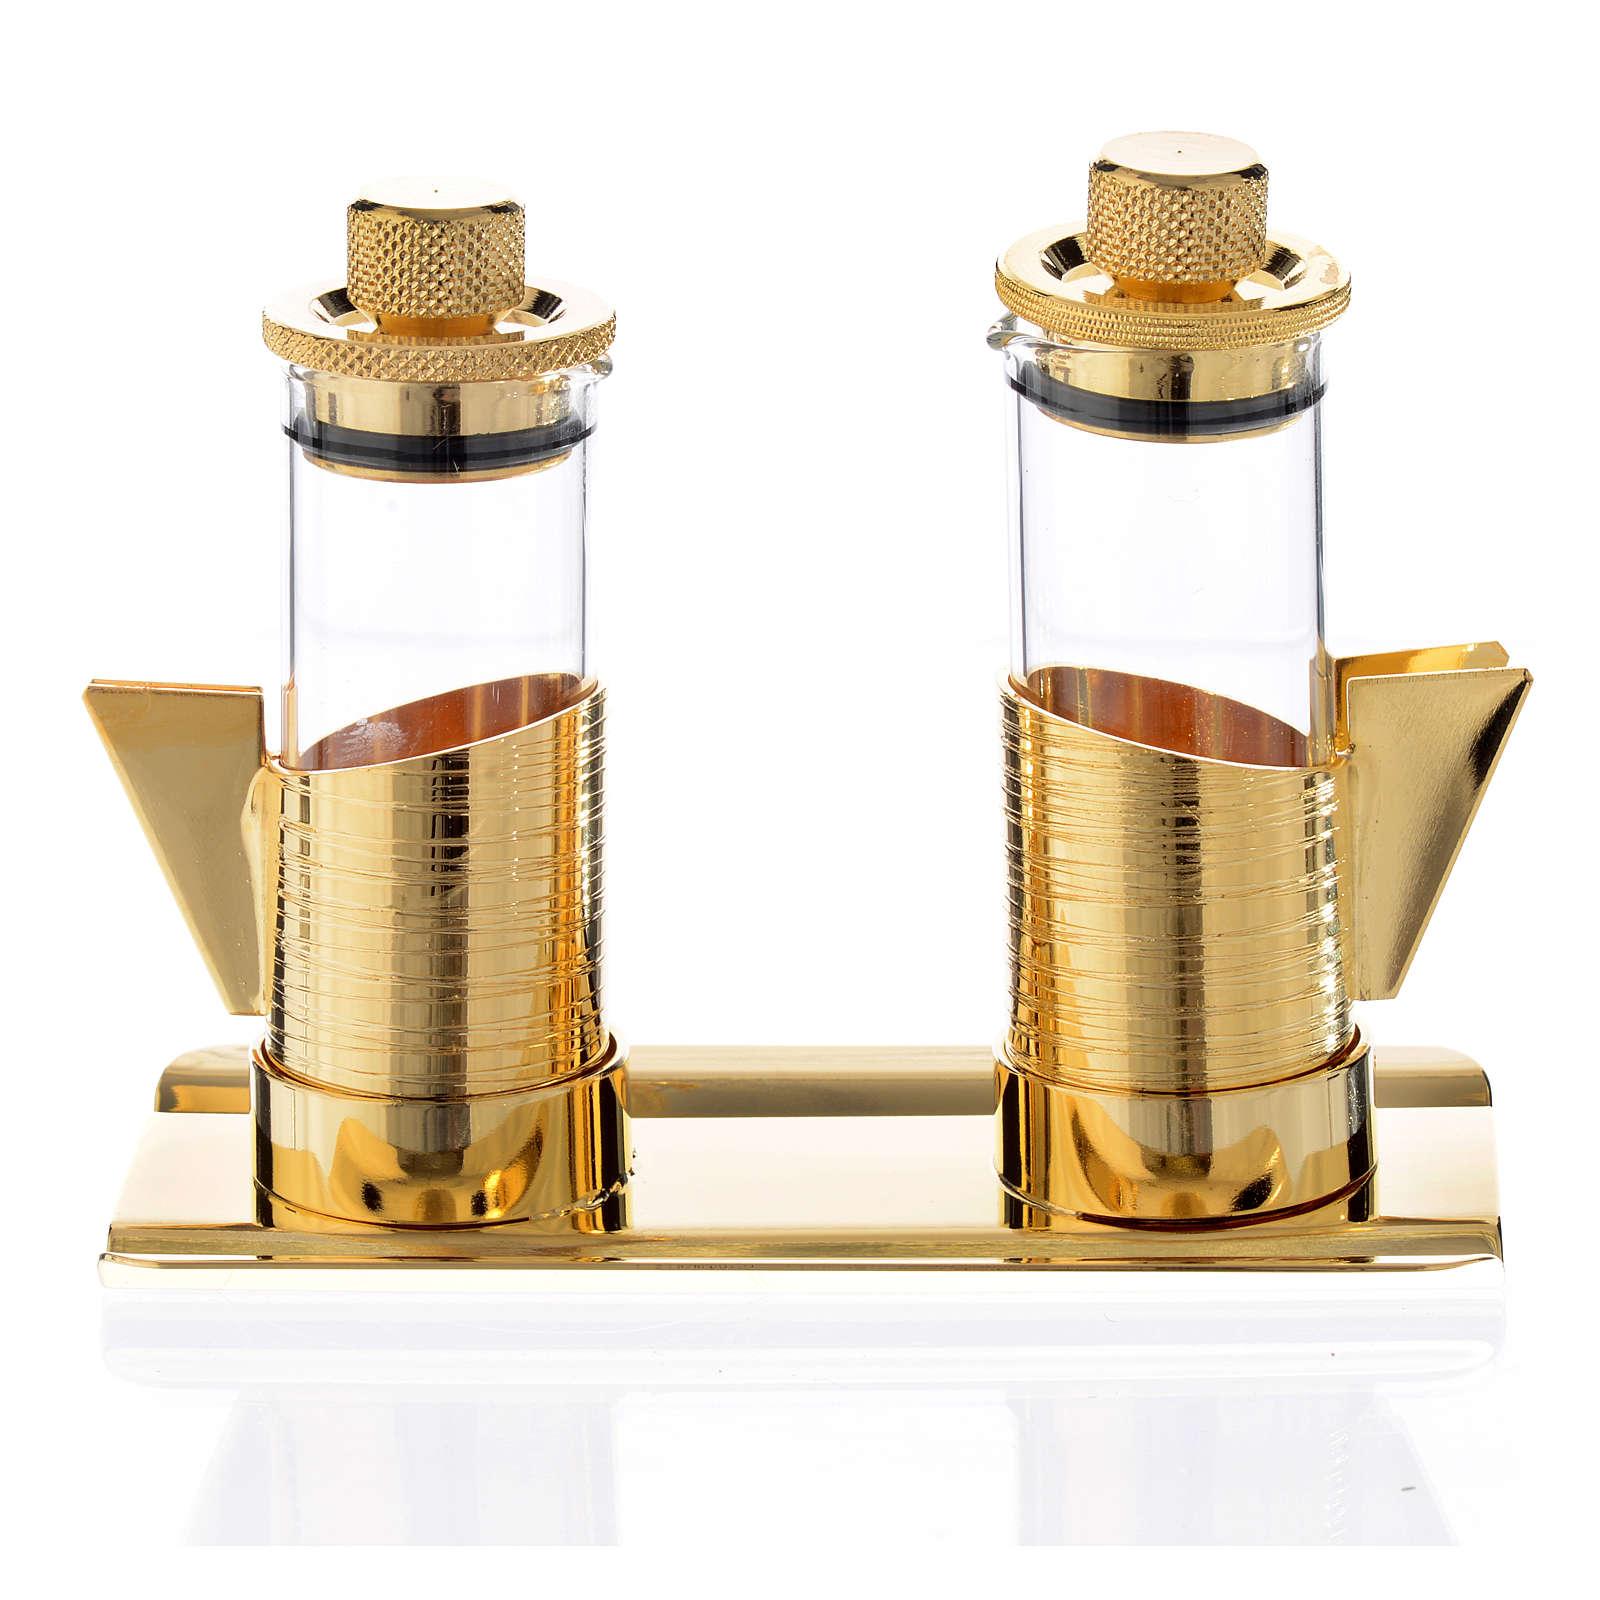 Ampolline mignon e vassoio ottone dorato 50 ml 4